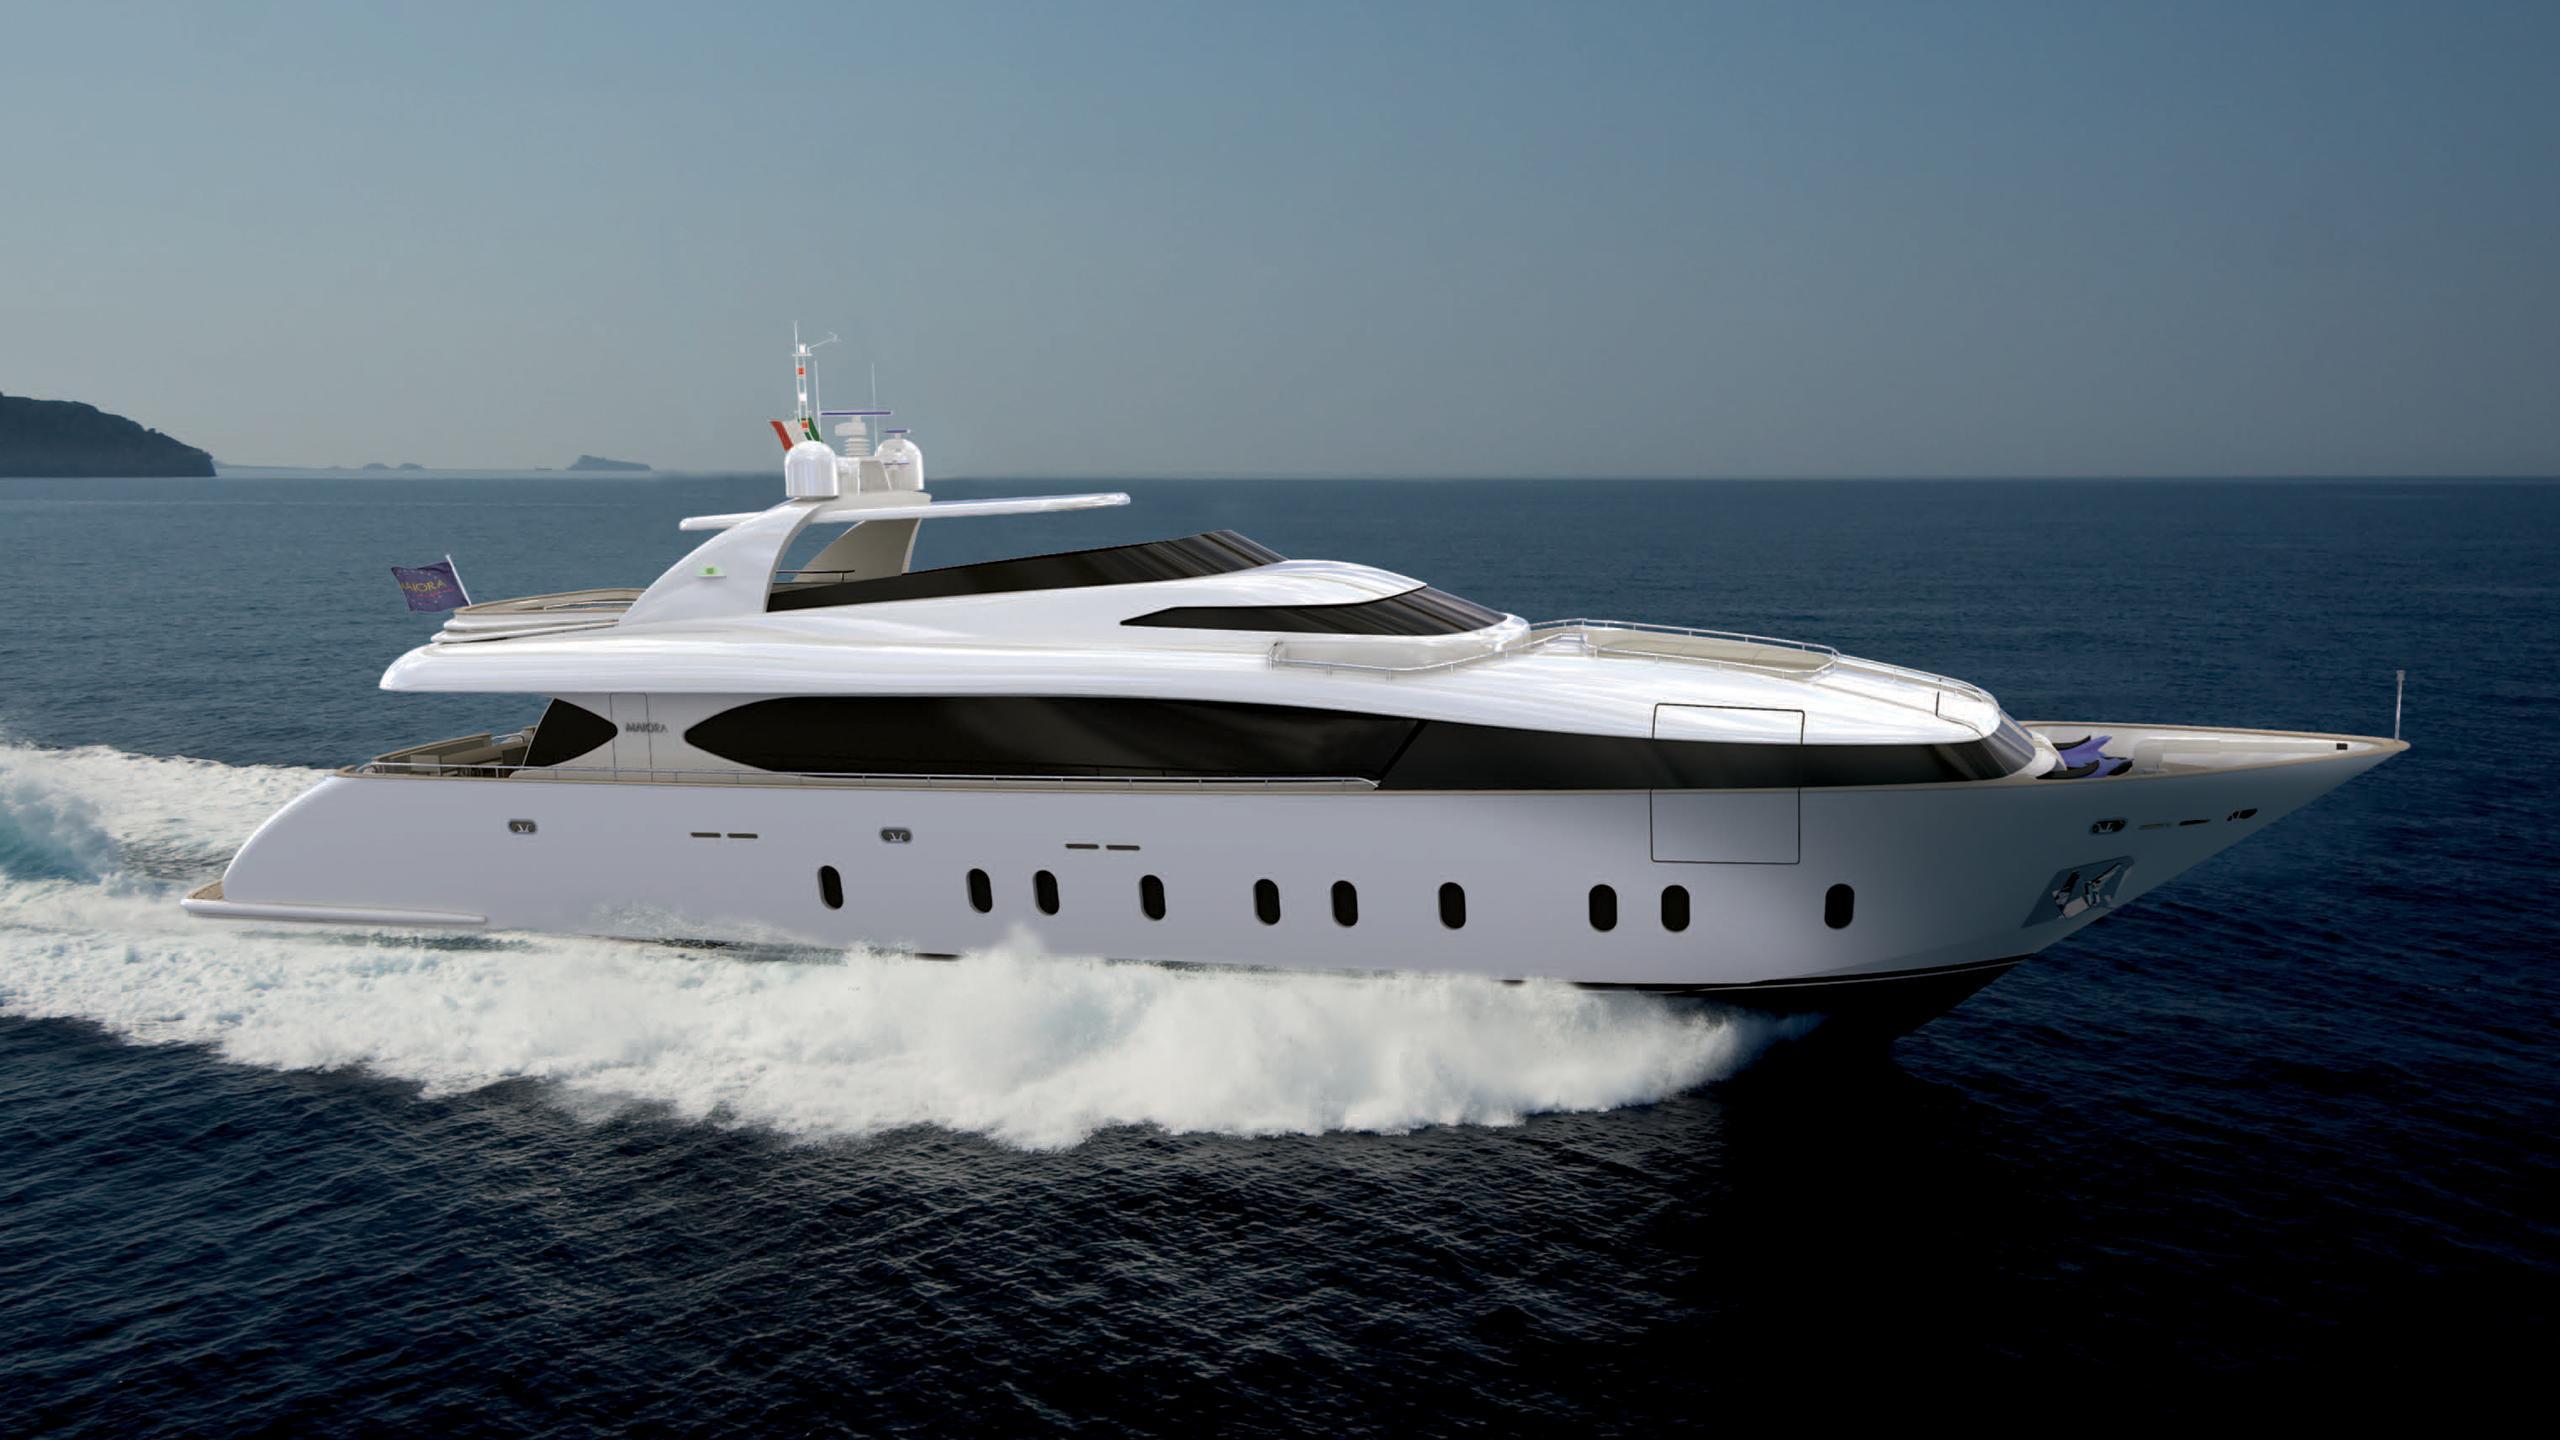 MAIORA-33-fb-motor-yacht-2016-32m-rendering-cruising